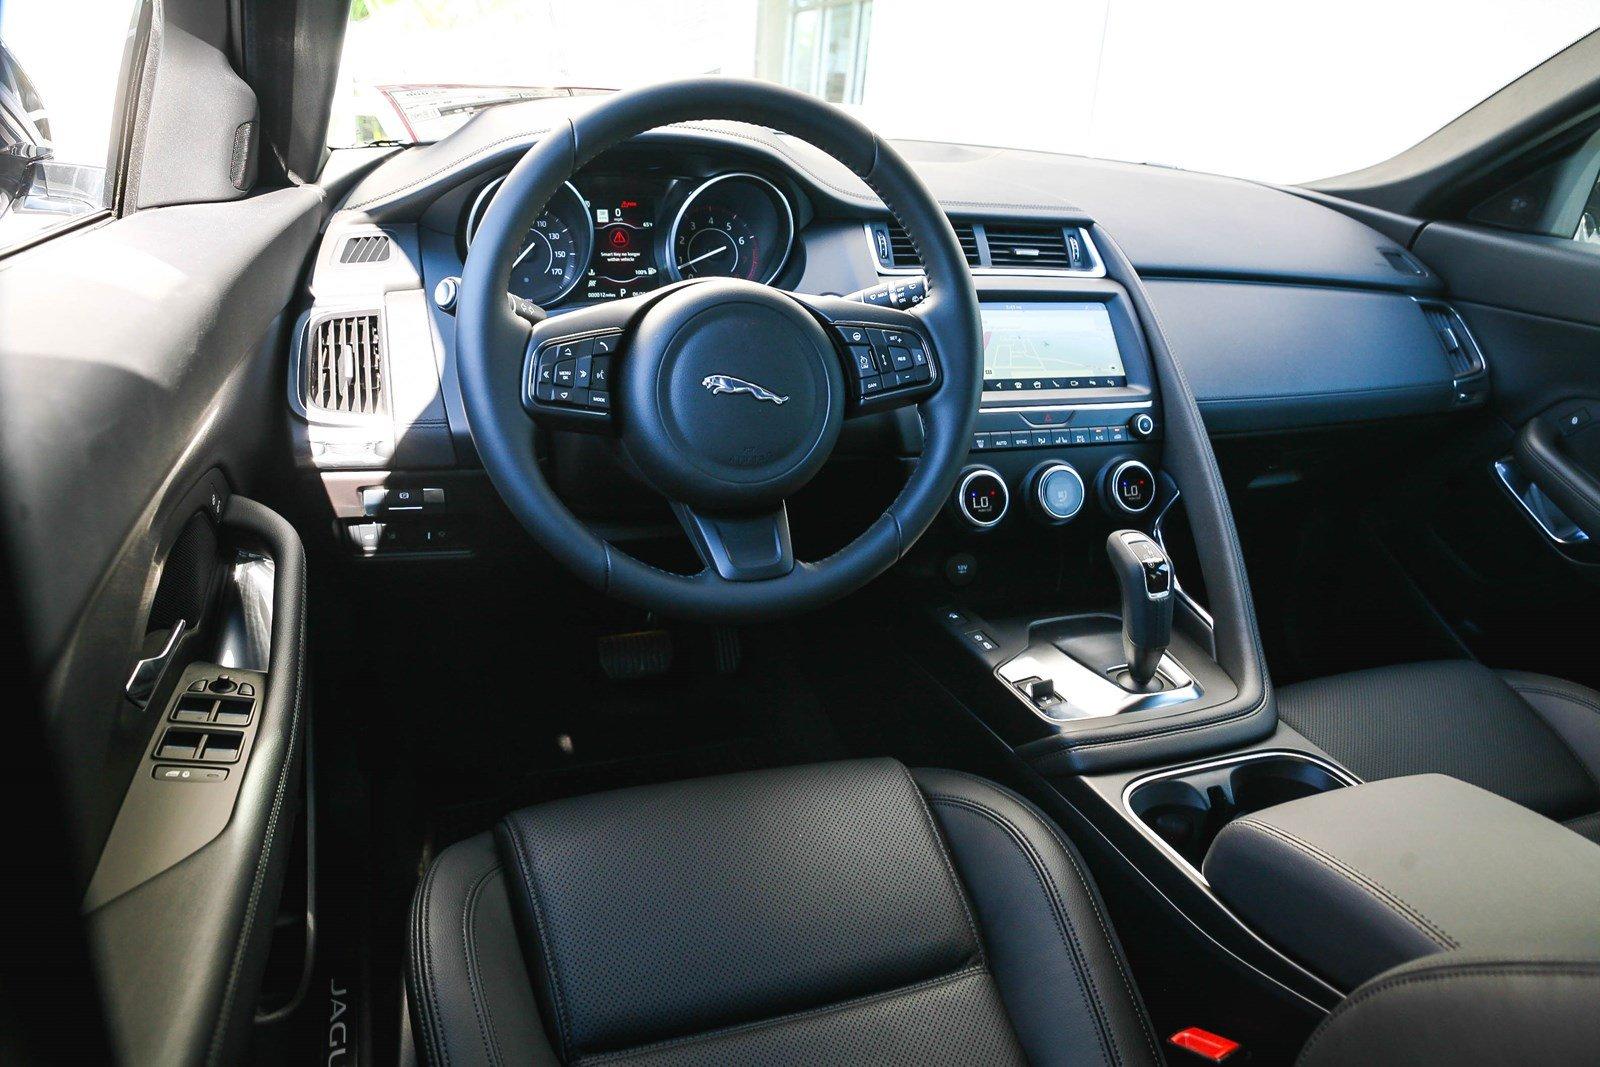 Hình Ảnh Xe Jaguar E-Pace Màu Trắng Đời Mới Nhất Model 2019 - sieuxesaigon.com